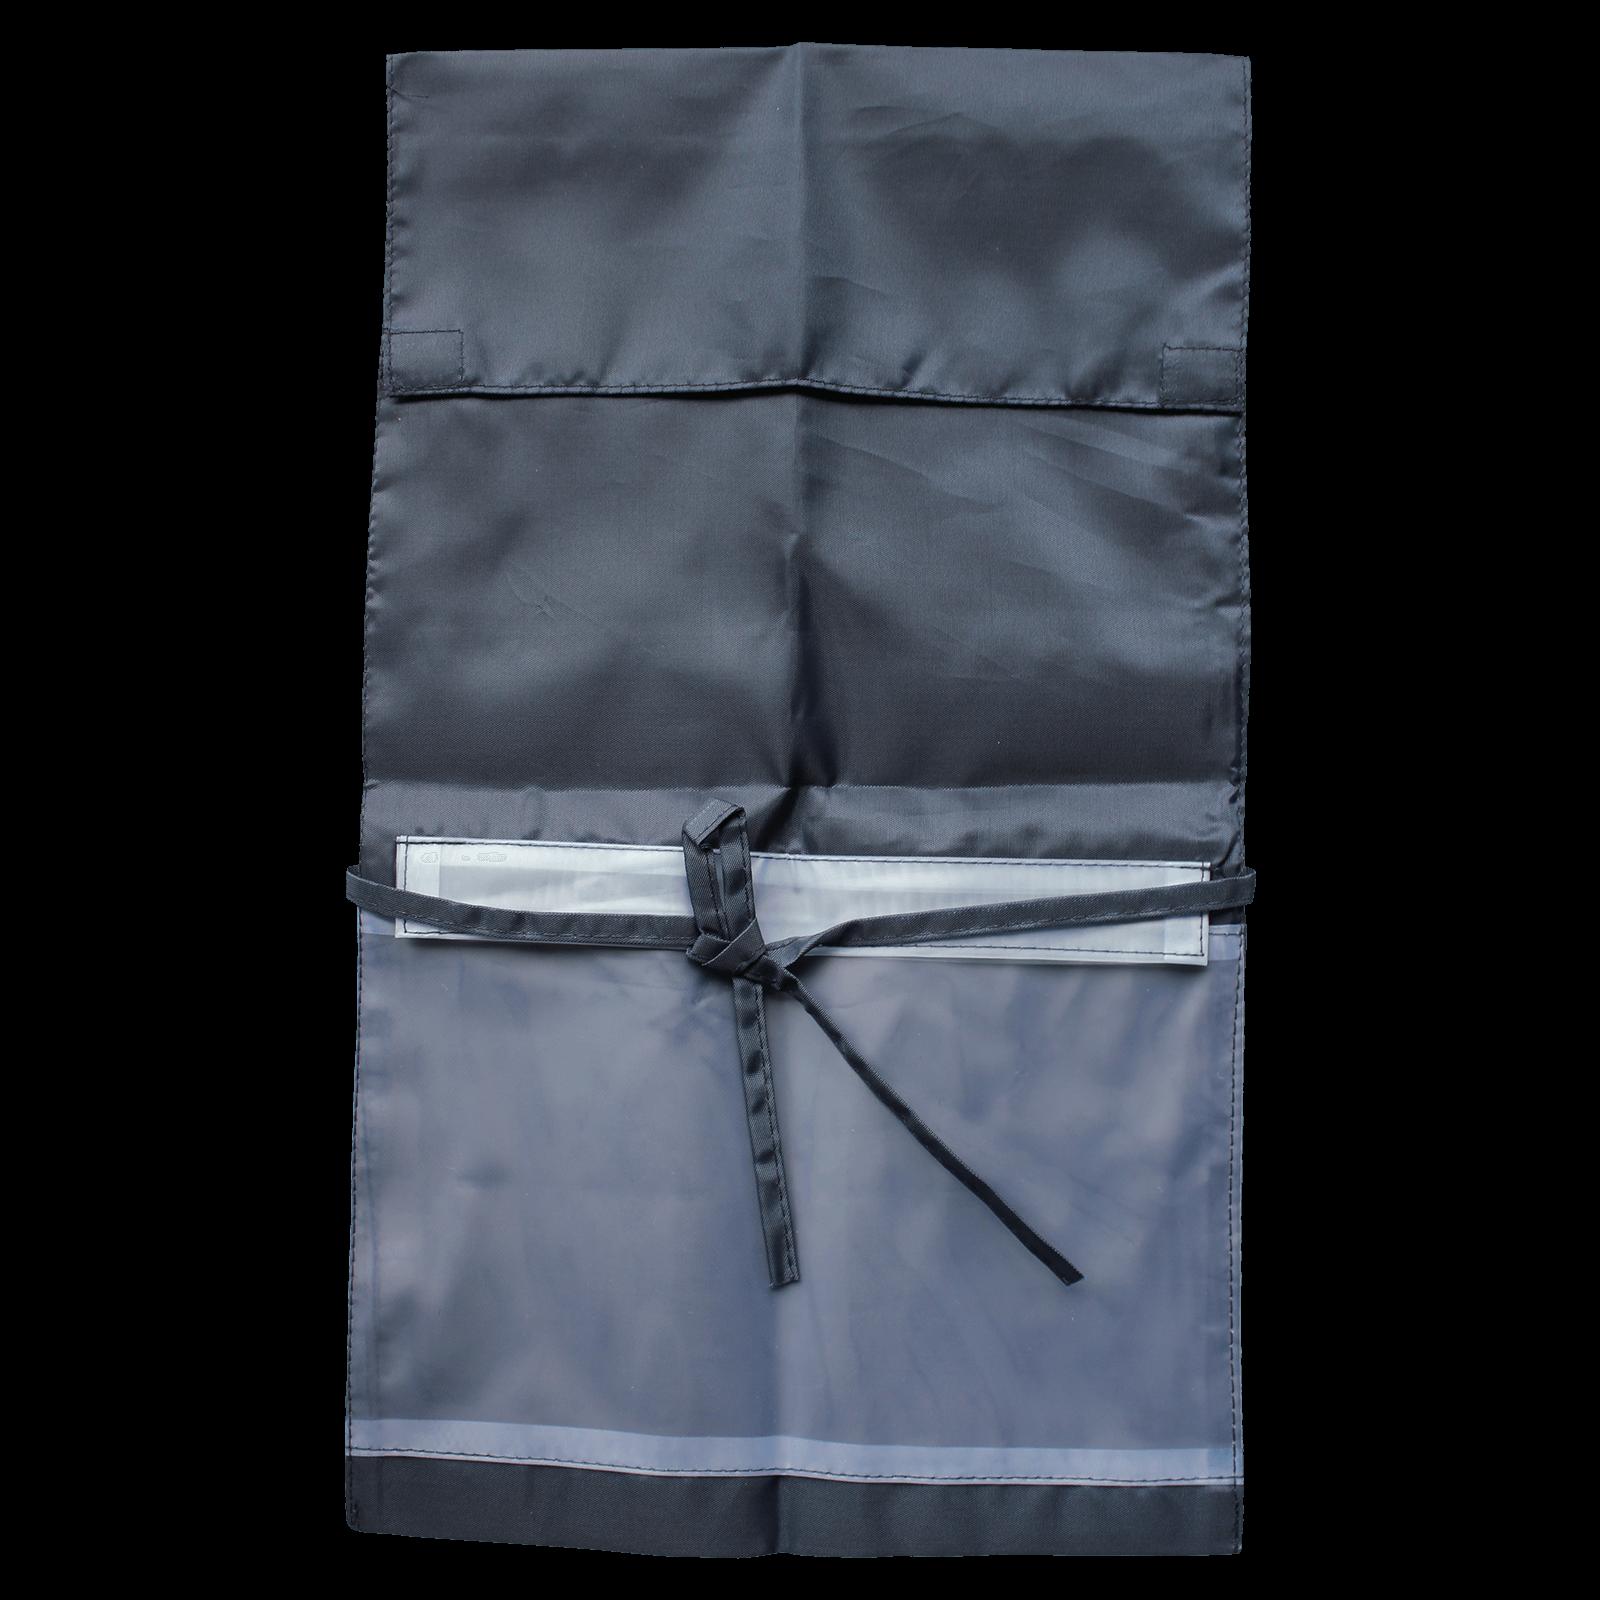 Tasche Zur Aufbewahrung Des Abnehmbaren Kugelkopfes Bei Rameder